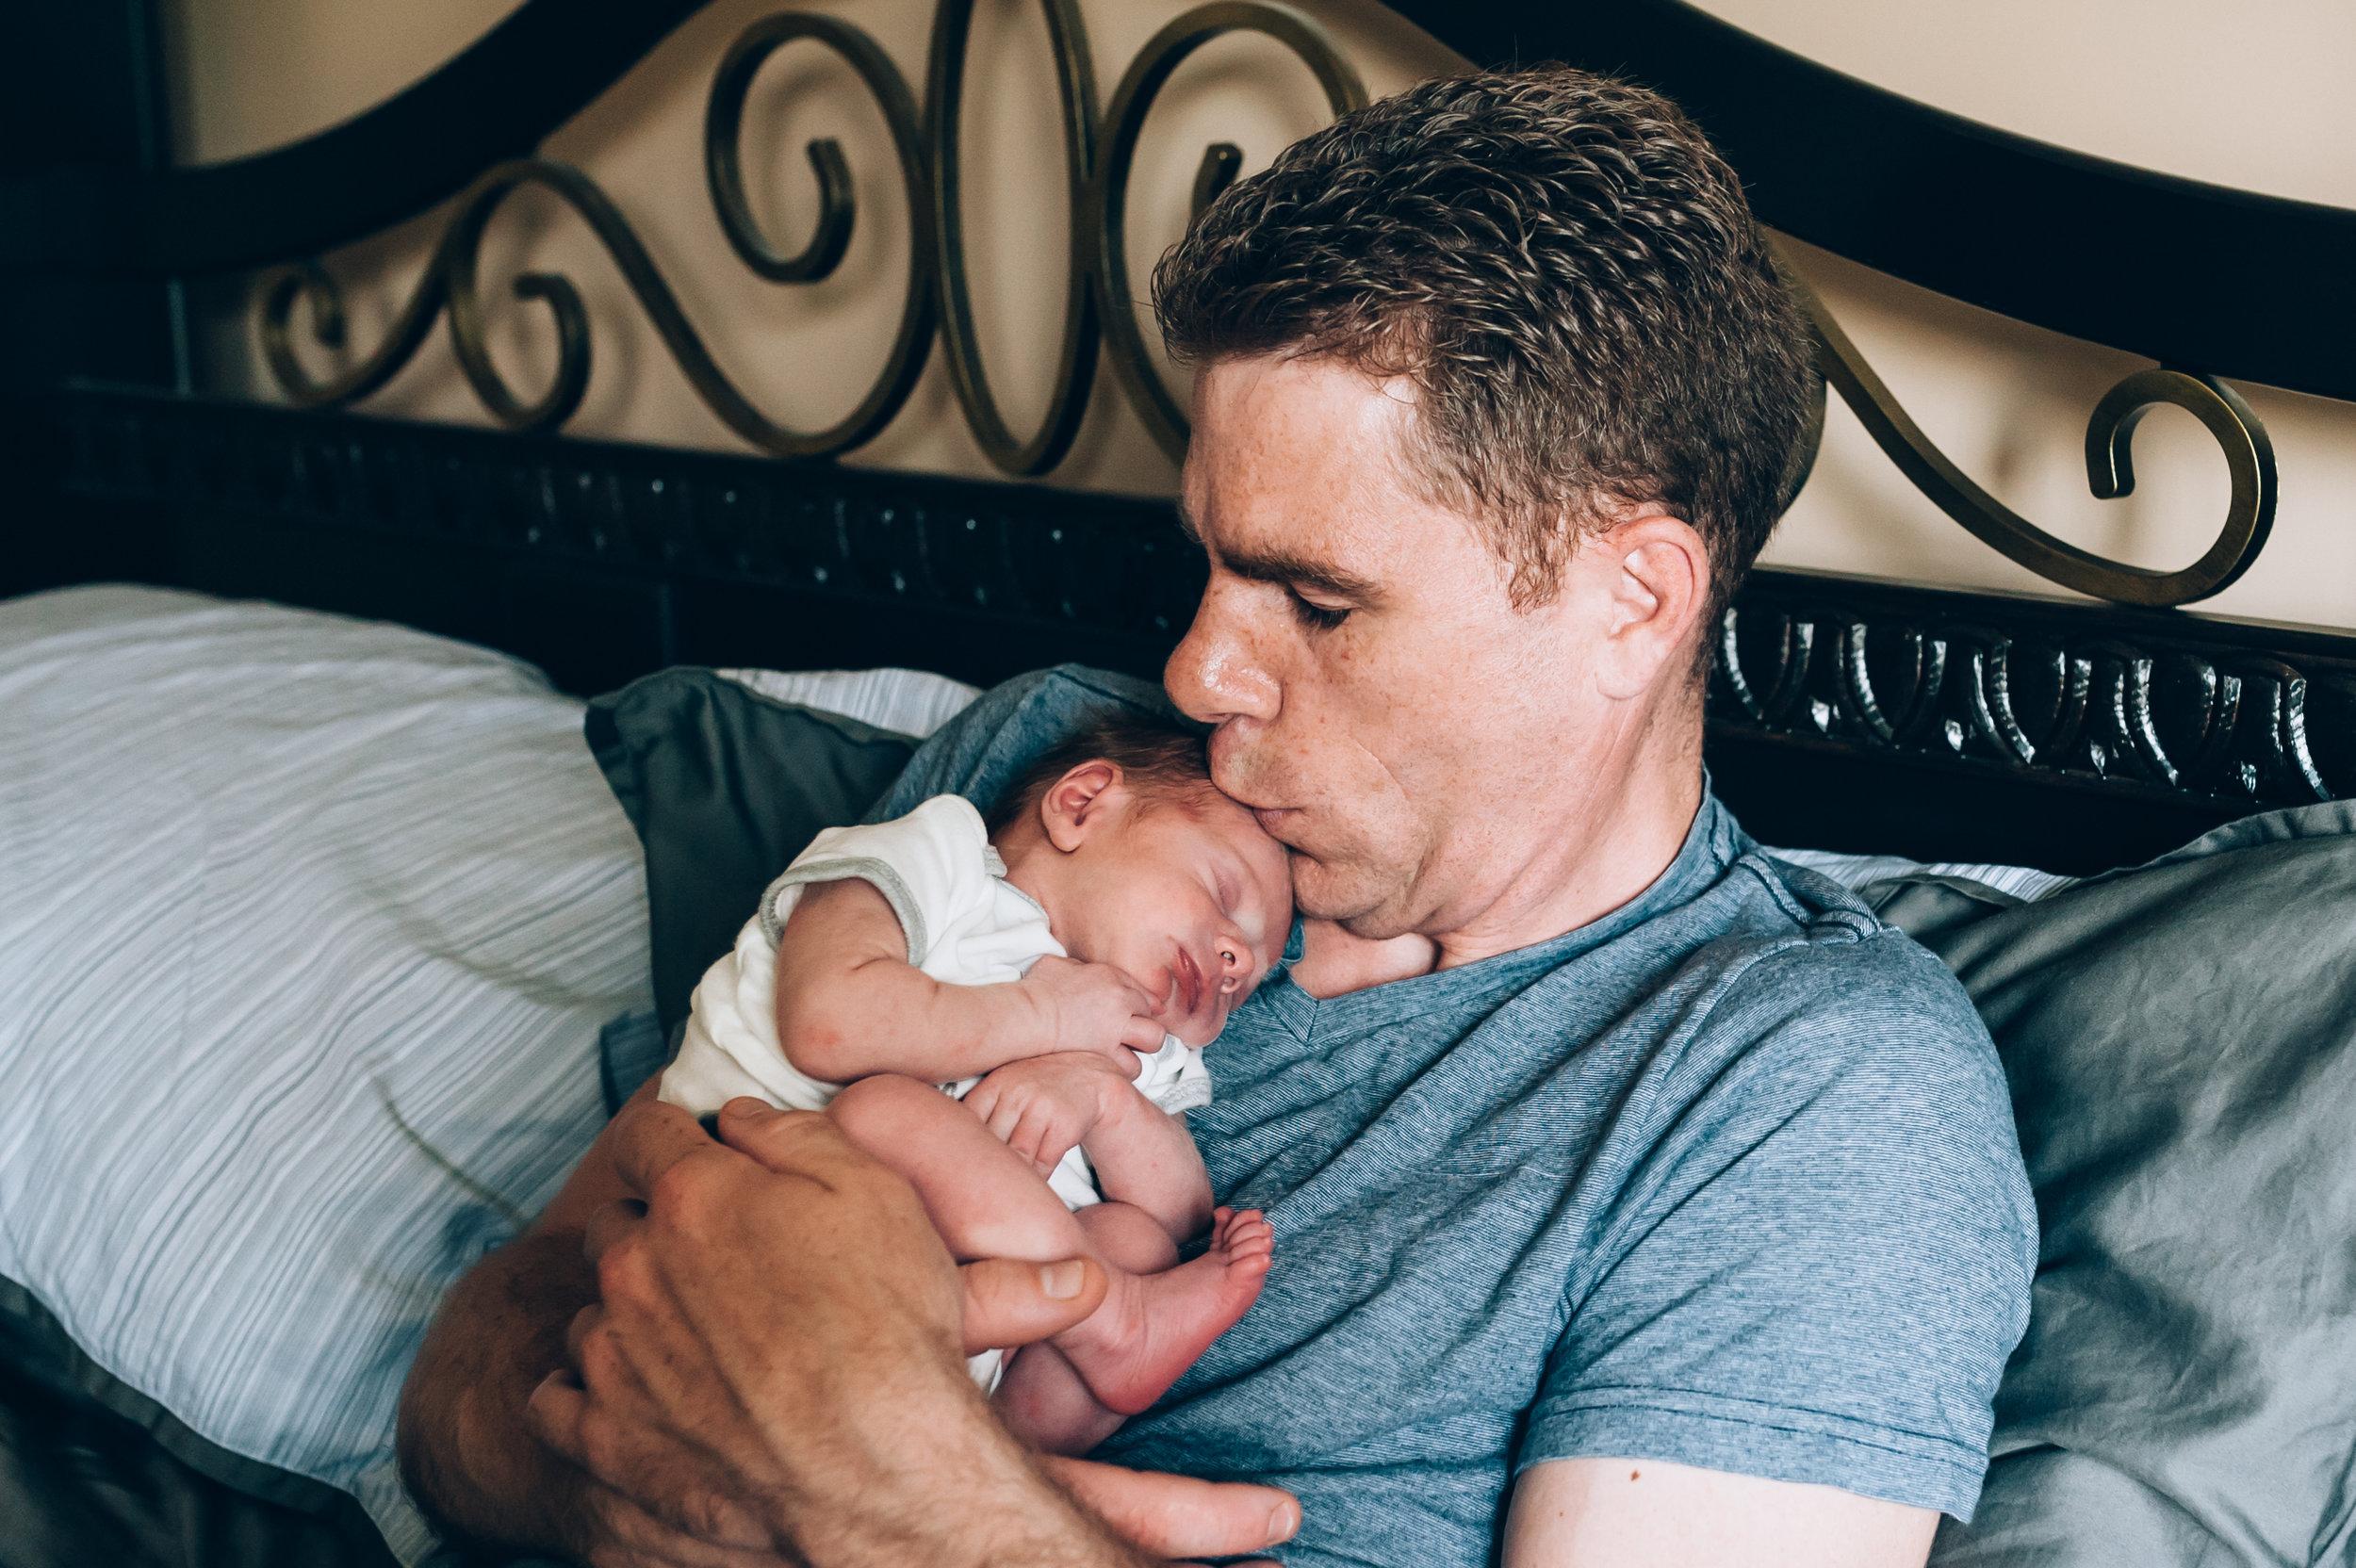 newborn photographer, burlington newborn photographer, babies, newborn, lifestyle photographer,burlington lifestyle photographer